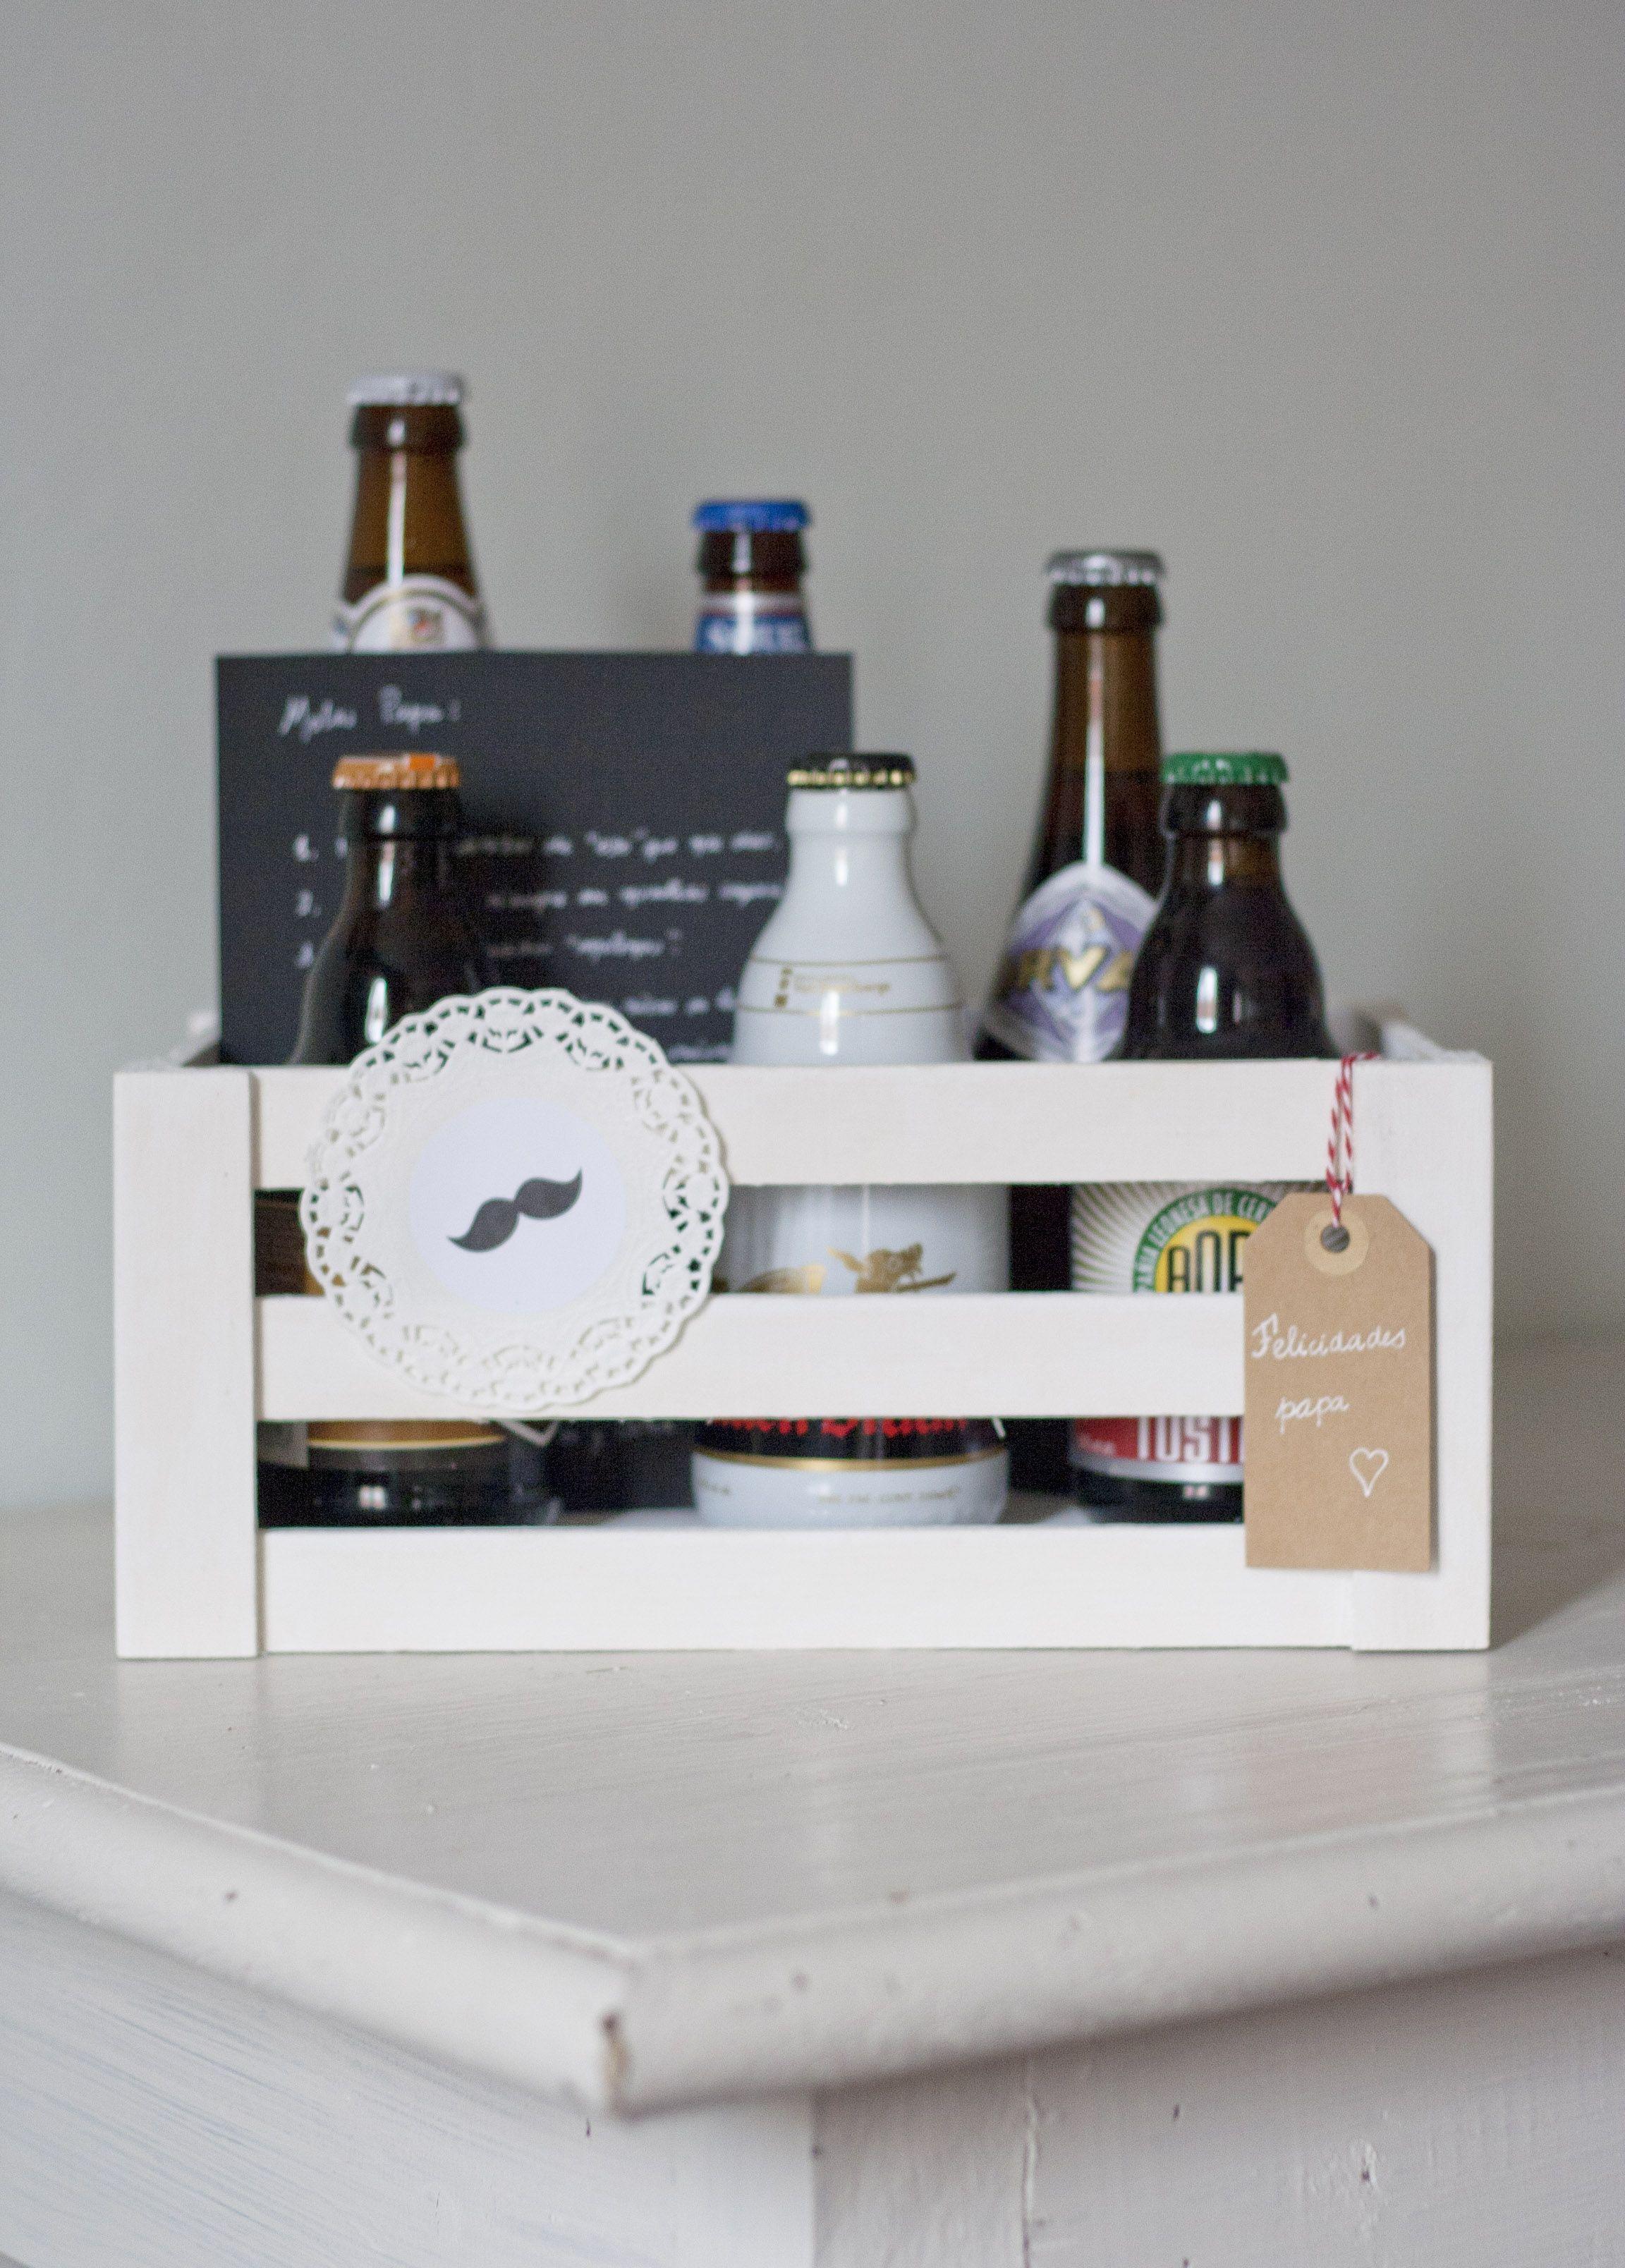 Regalo para el d a del padre estilo cervecero por daglig - Regalos originales para mi padre ...